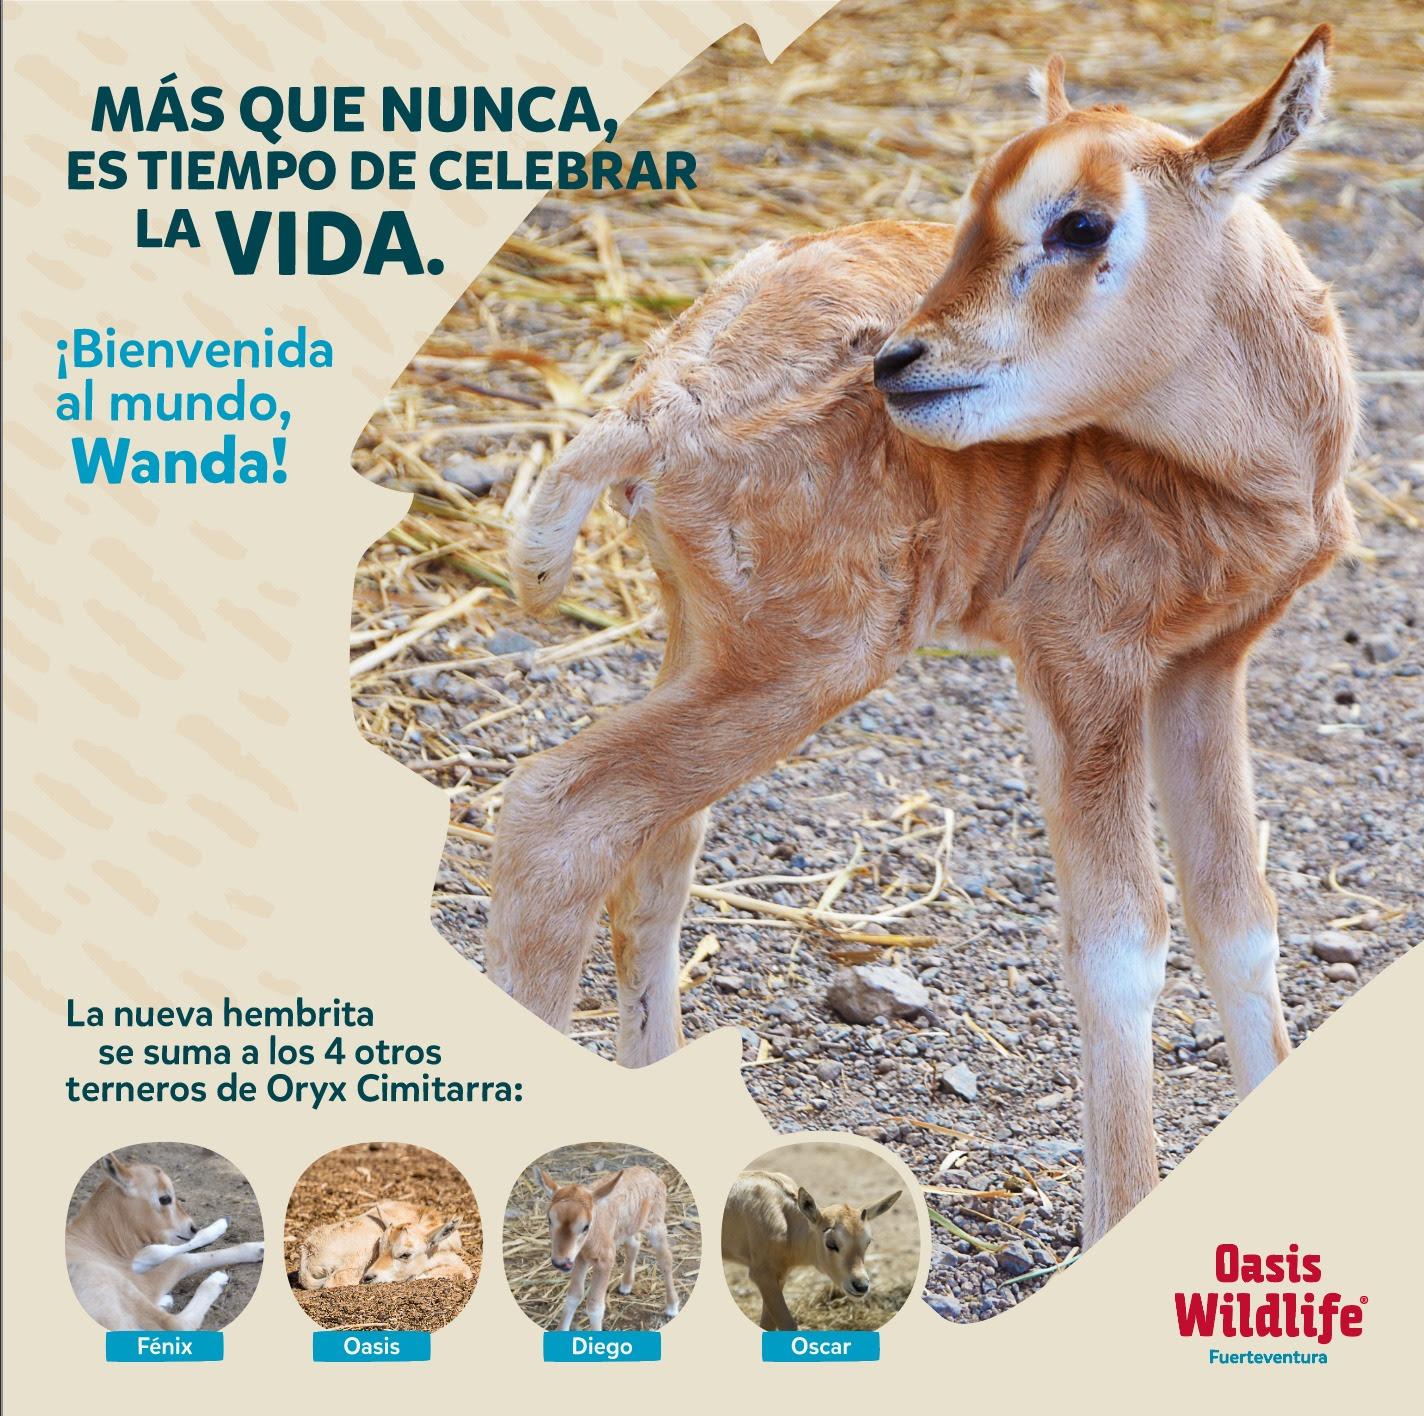 f7a40924 4f81 41a5 a75e 029e4c4f0288 - Oasis WildLife Fuerteventura anuncia nacimiento de 5 nuevas crías de Orix Cimitarra,especie extinta en la Naturaleza